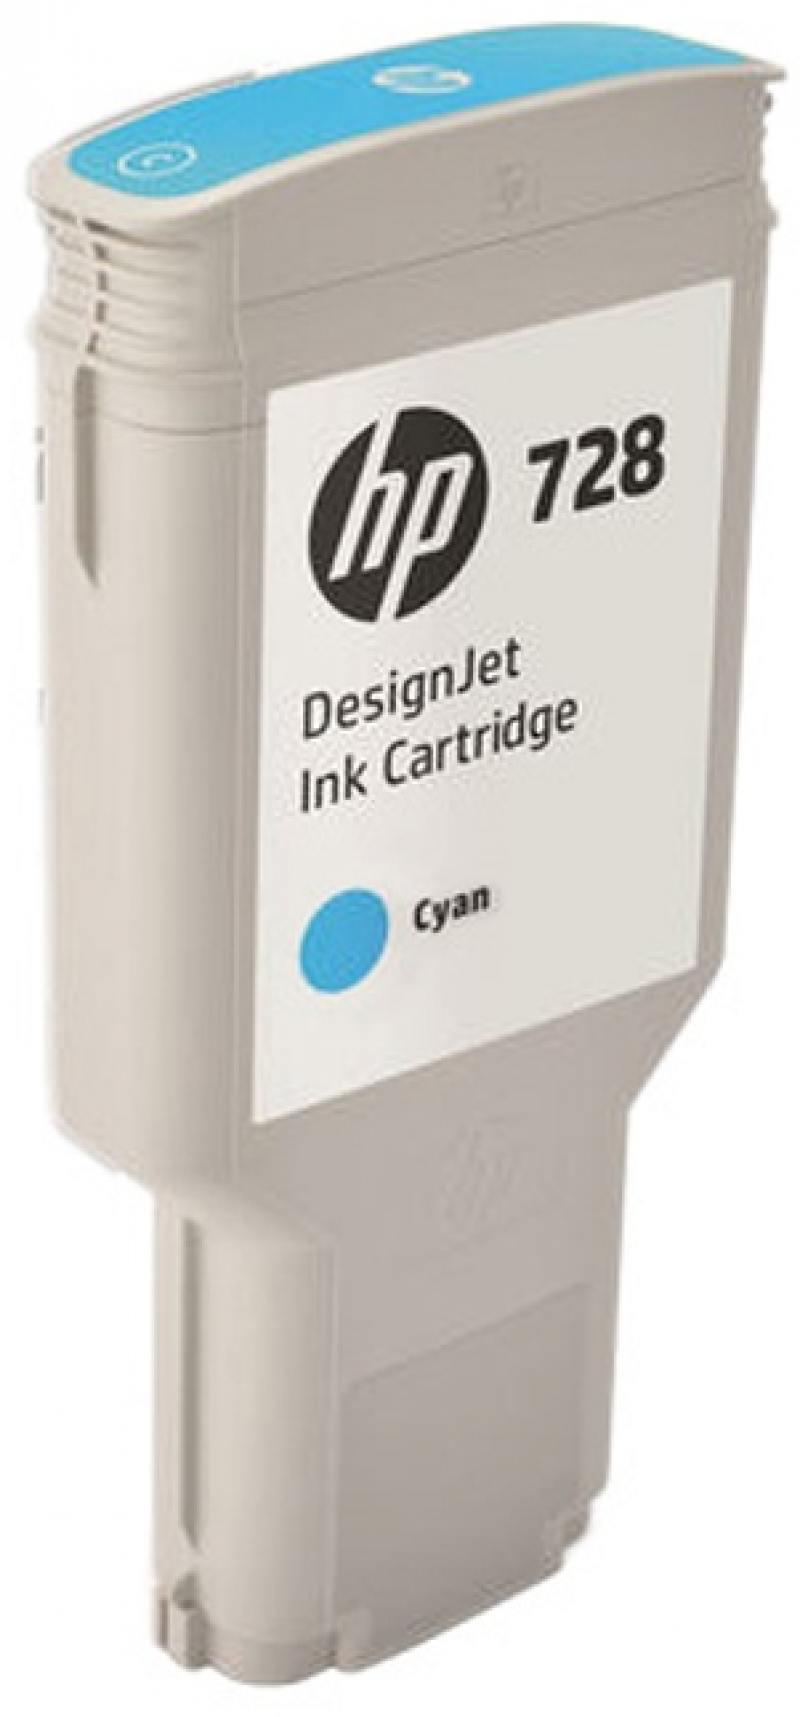 цена на Картридж HP F9K17A (HP 728) для DesignJet T730, T830. Голубой. 300 мл.